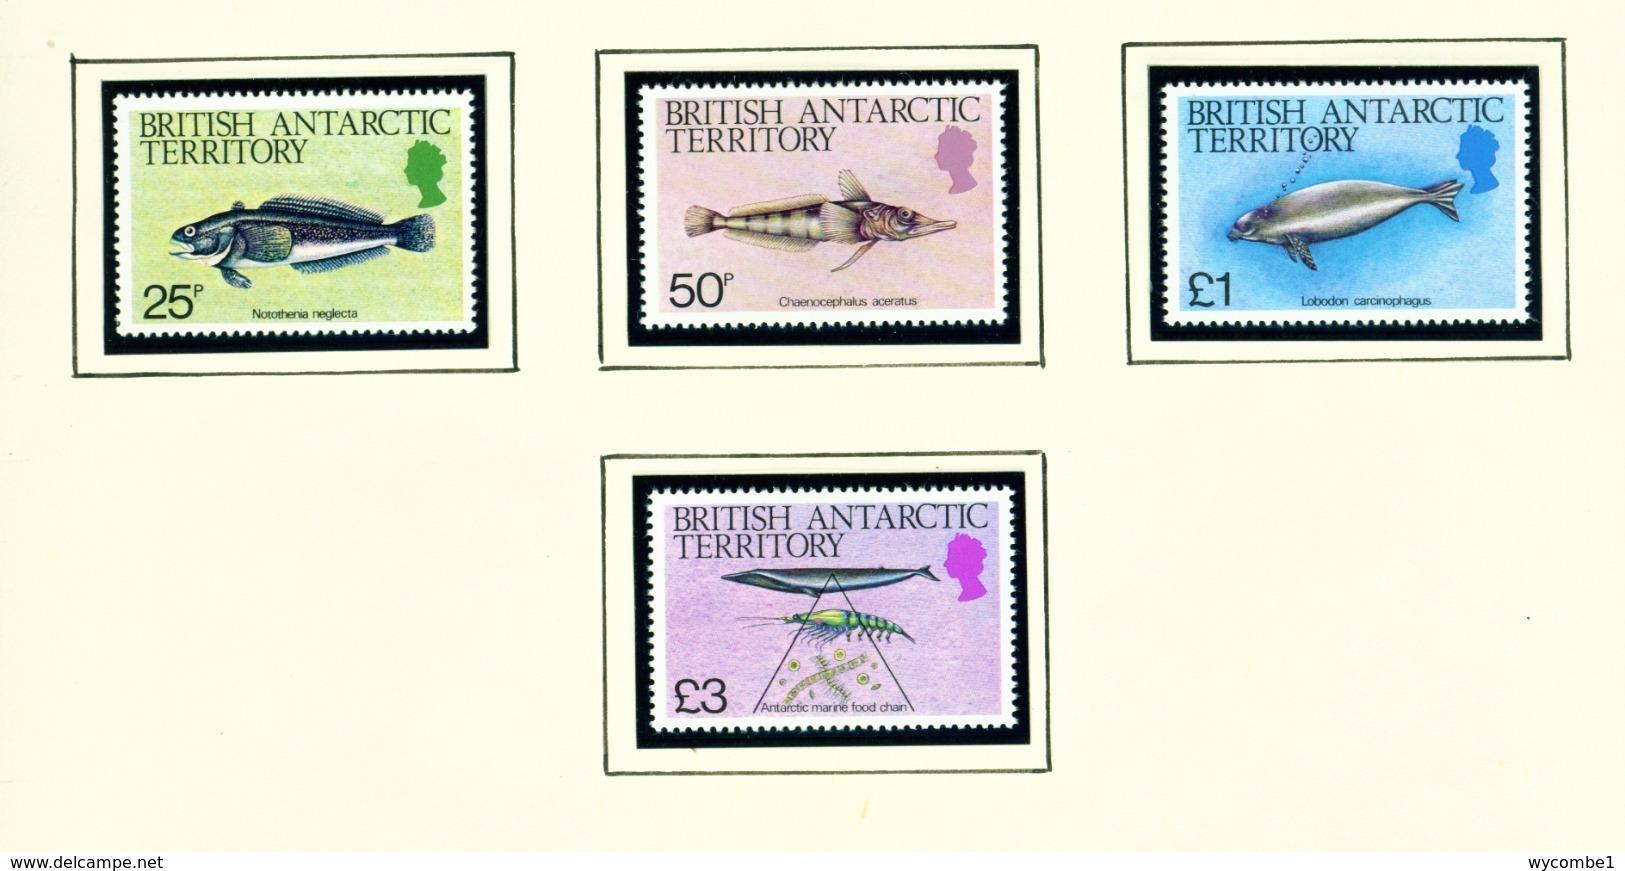 BRITISH ANTARCTIC TERRITORY - 1984 Marine Life Definitives Set Unmounted/Never Hinged Mint - Britisches Antarktis-Territorium  (BAT)